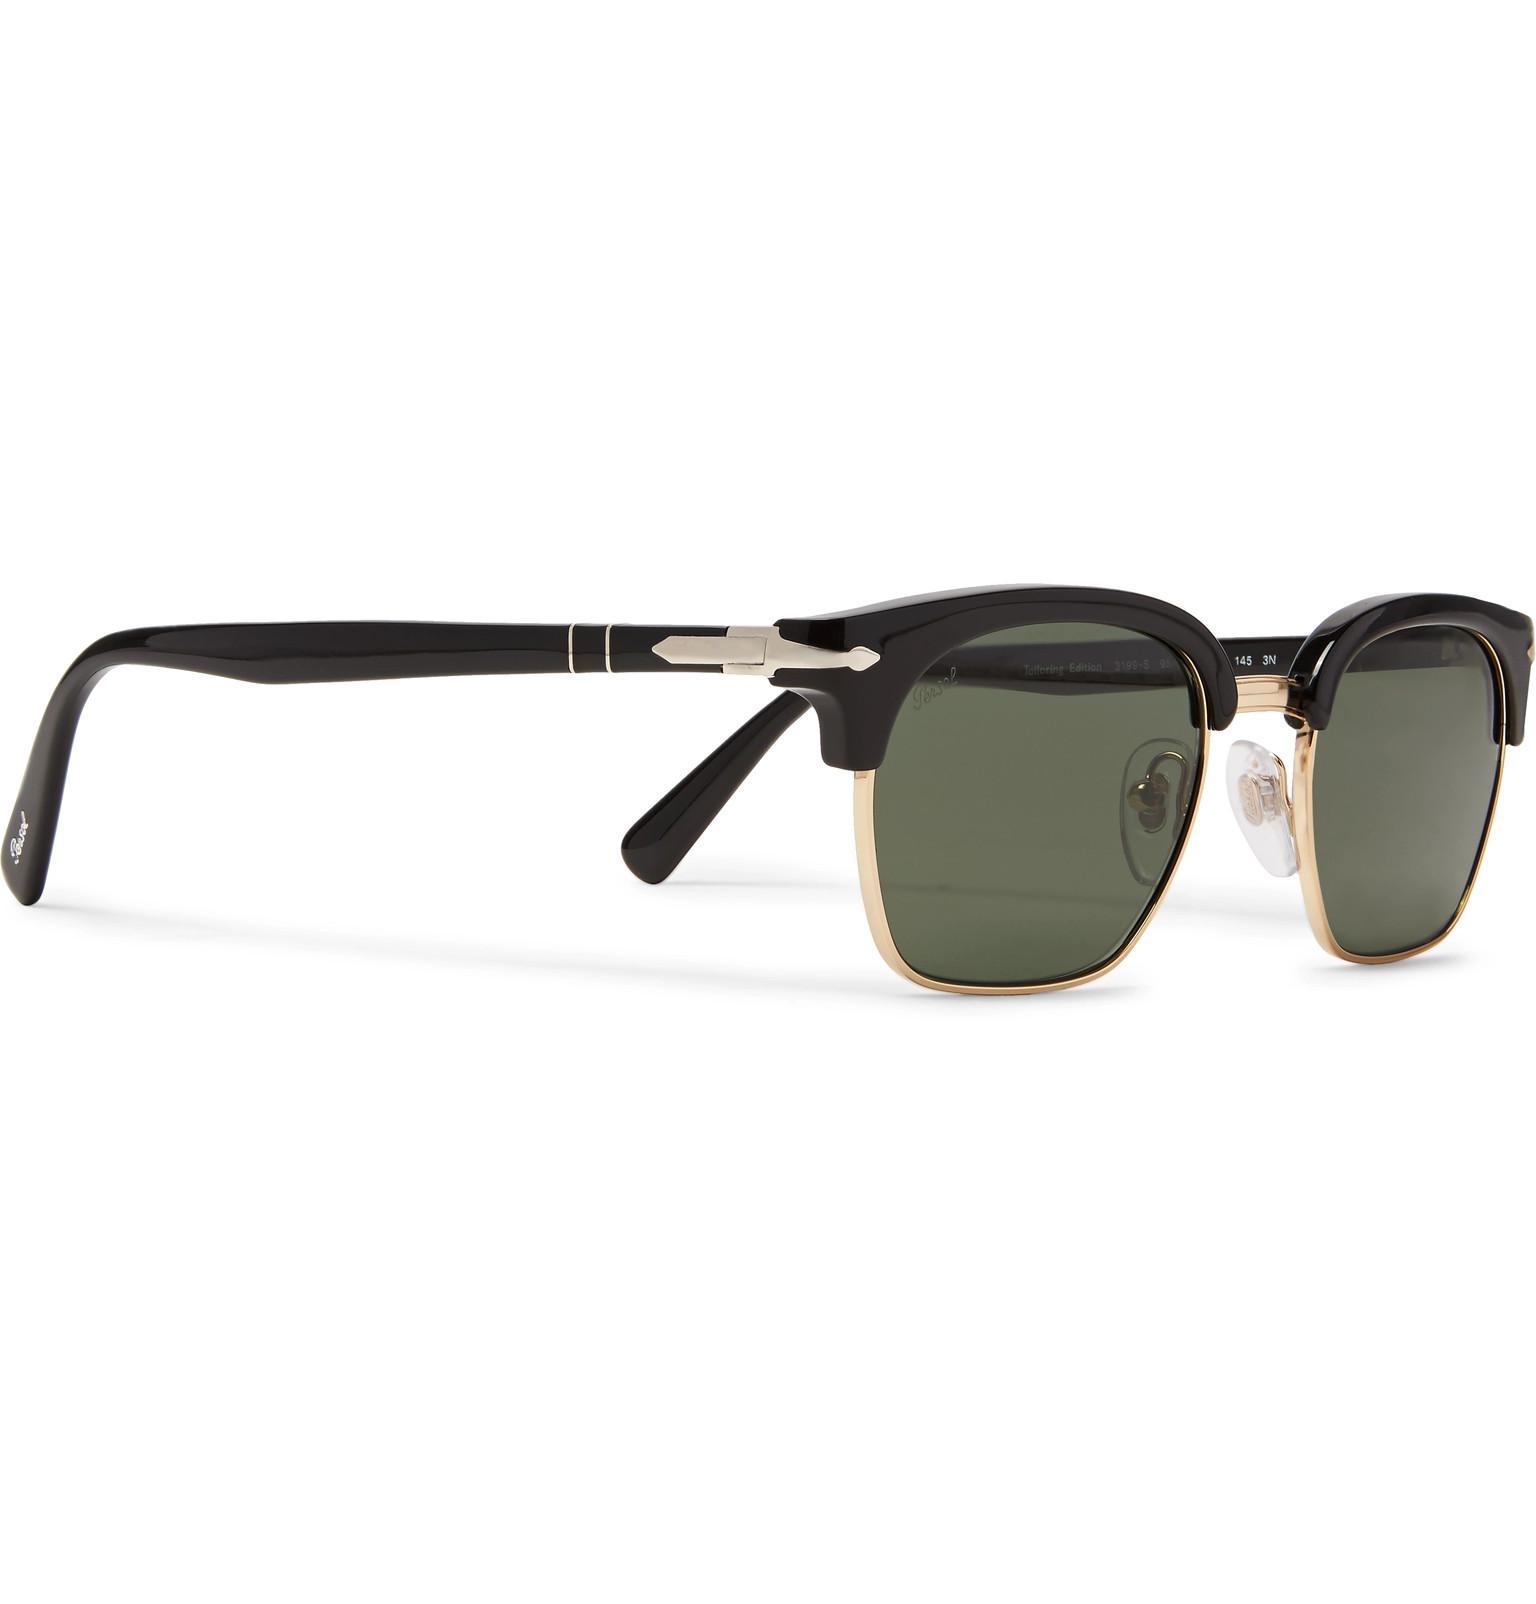 1a4da26ddf Persol - Black D-frame Gold-tone And Acetate Sunglasses for Men - Lyst.  View fullscreen